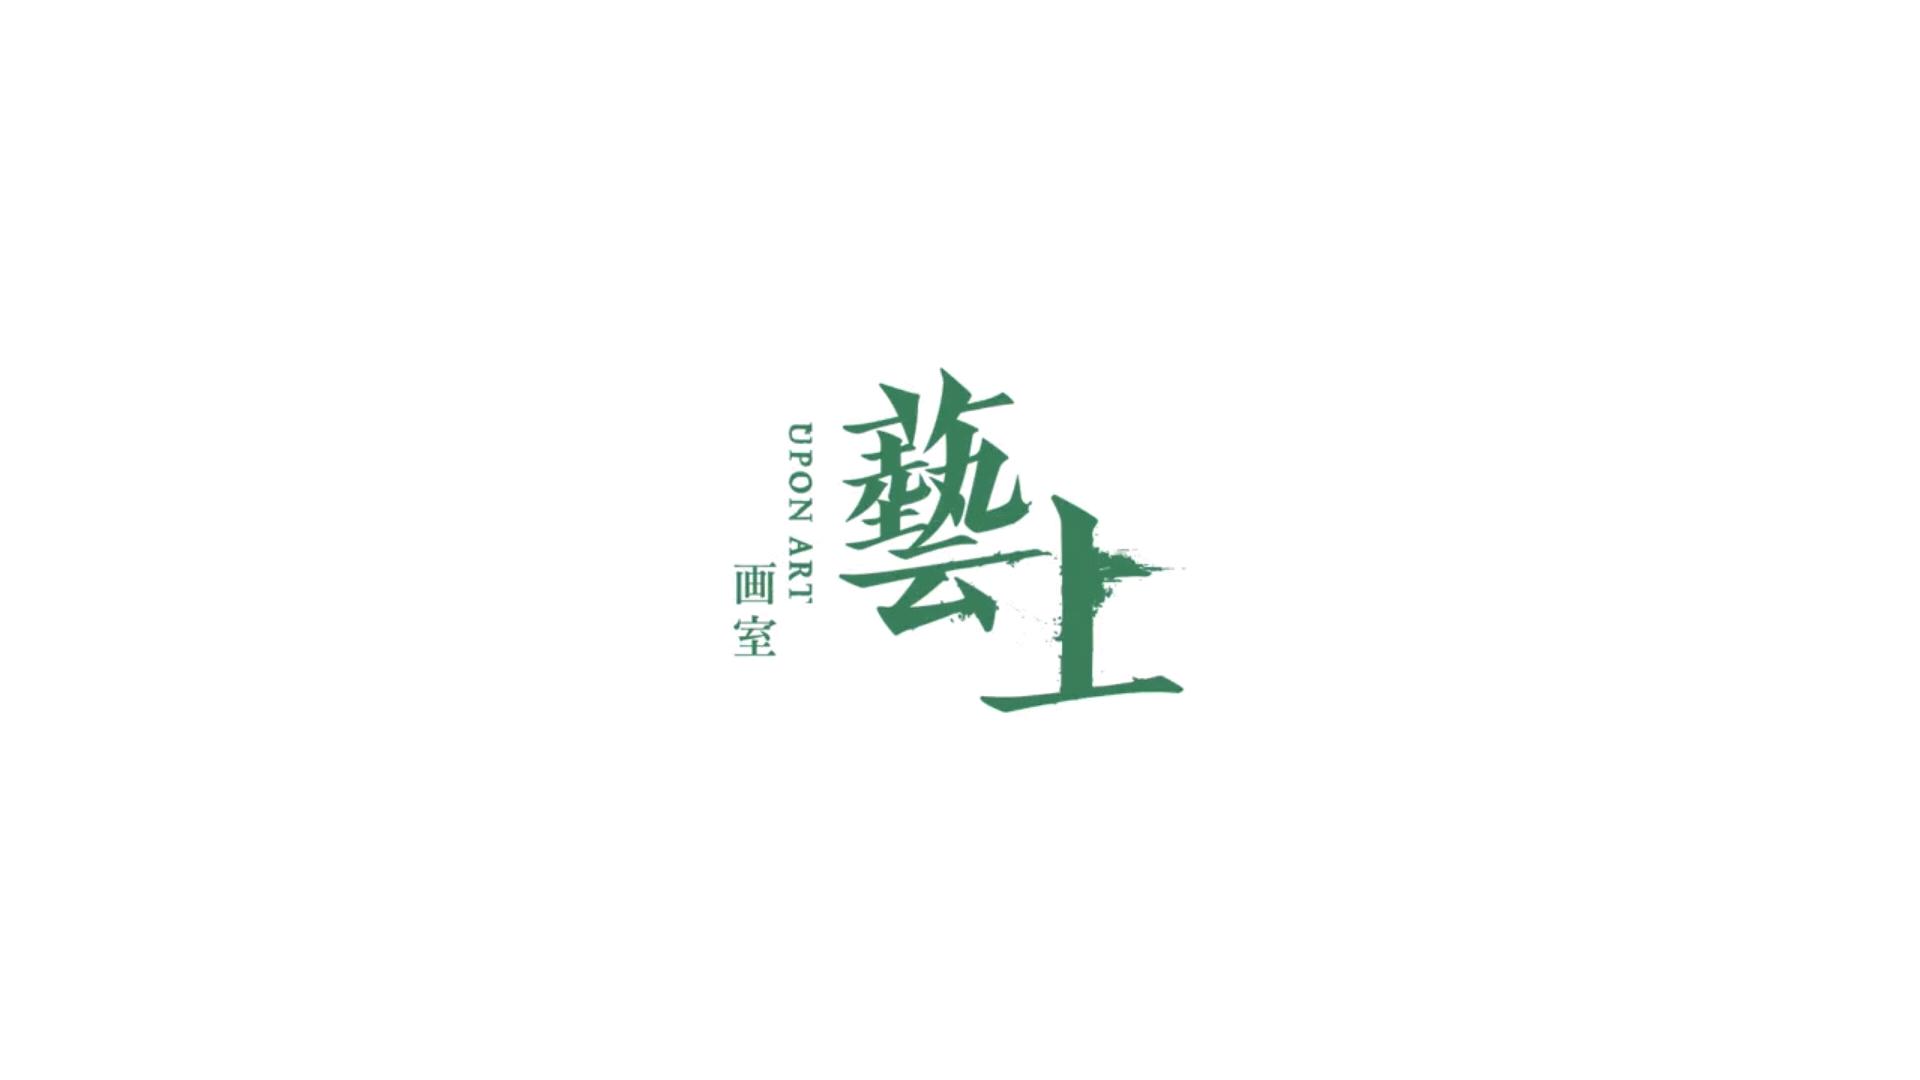 艺上画室素描督导张彦琨老师素描教学视频